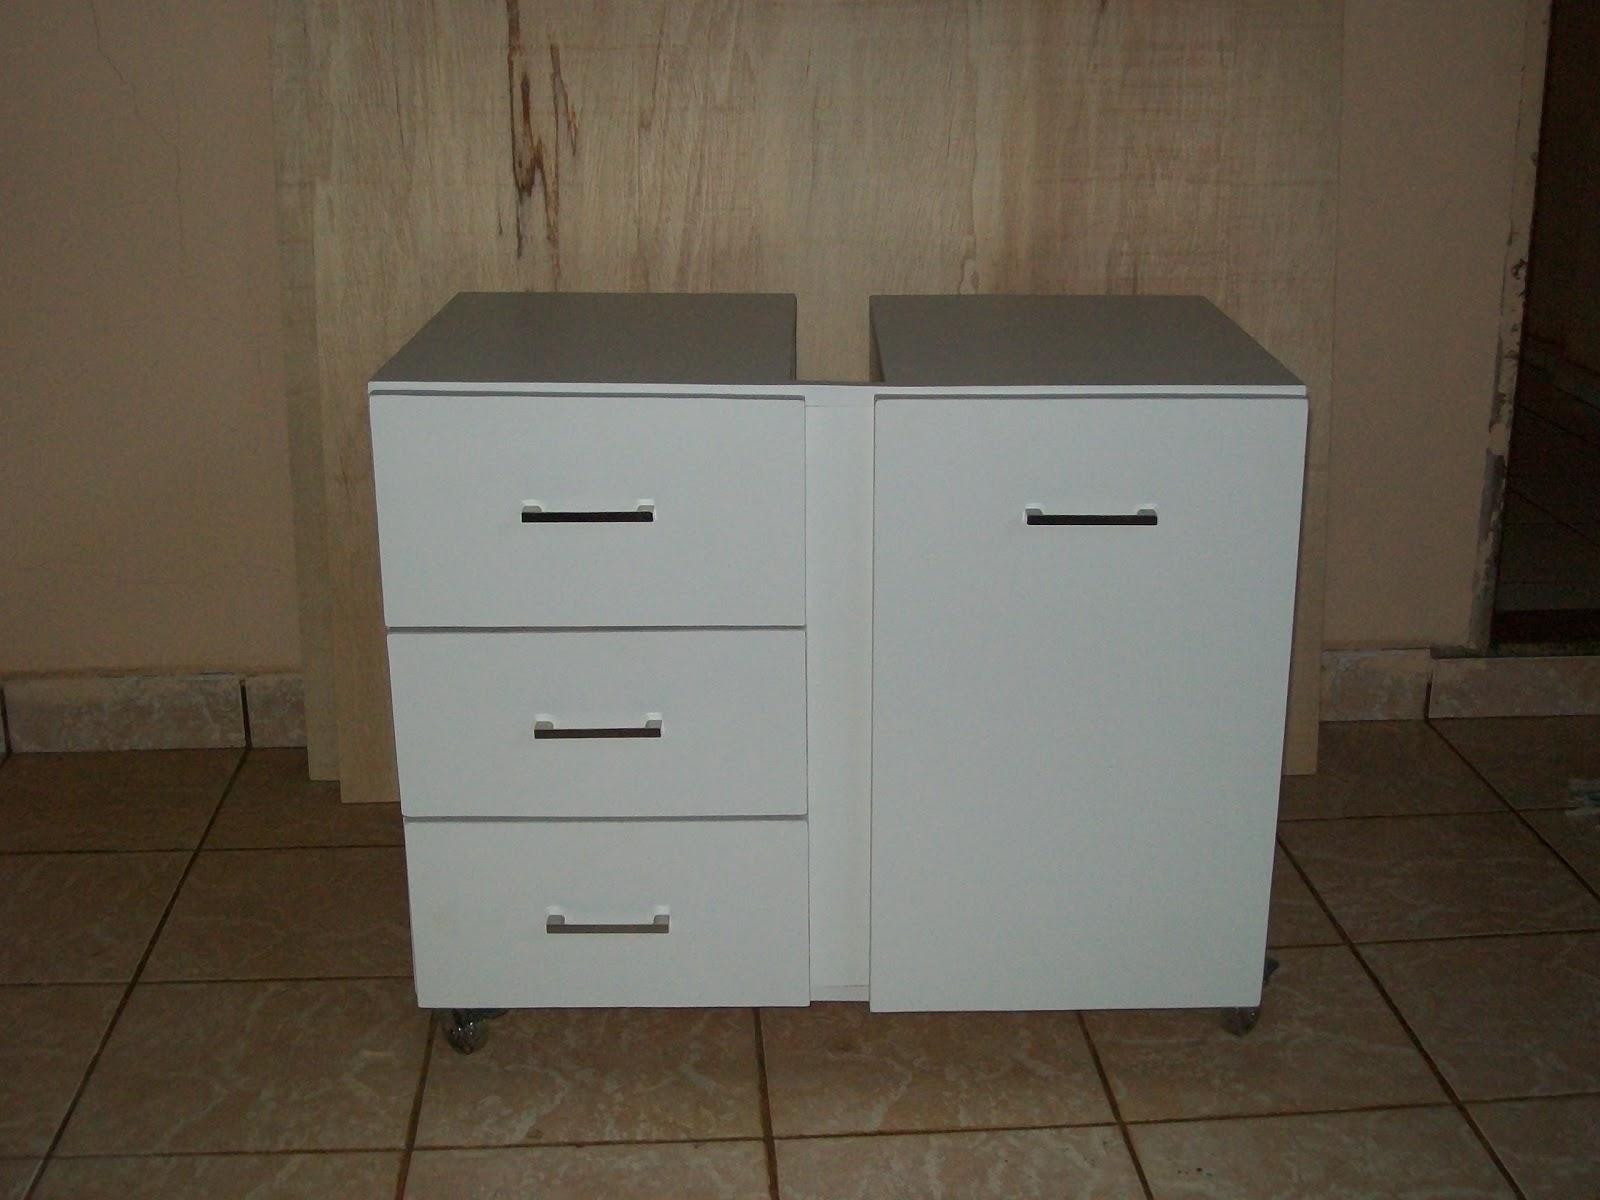 Moveis Planejados Armário para Banheiro com cesto (Acabamento Fórmica TX) -> Armario Banheiro Jundiai